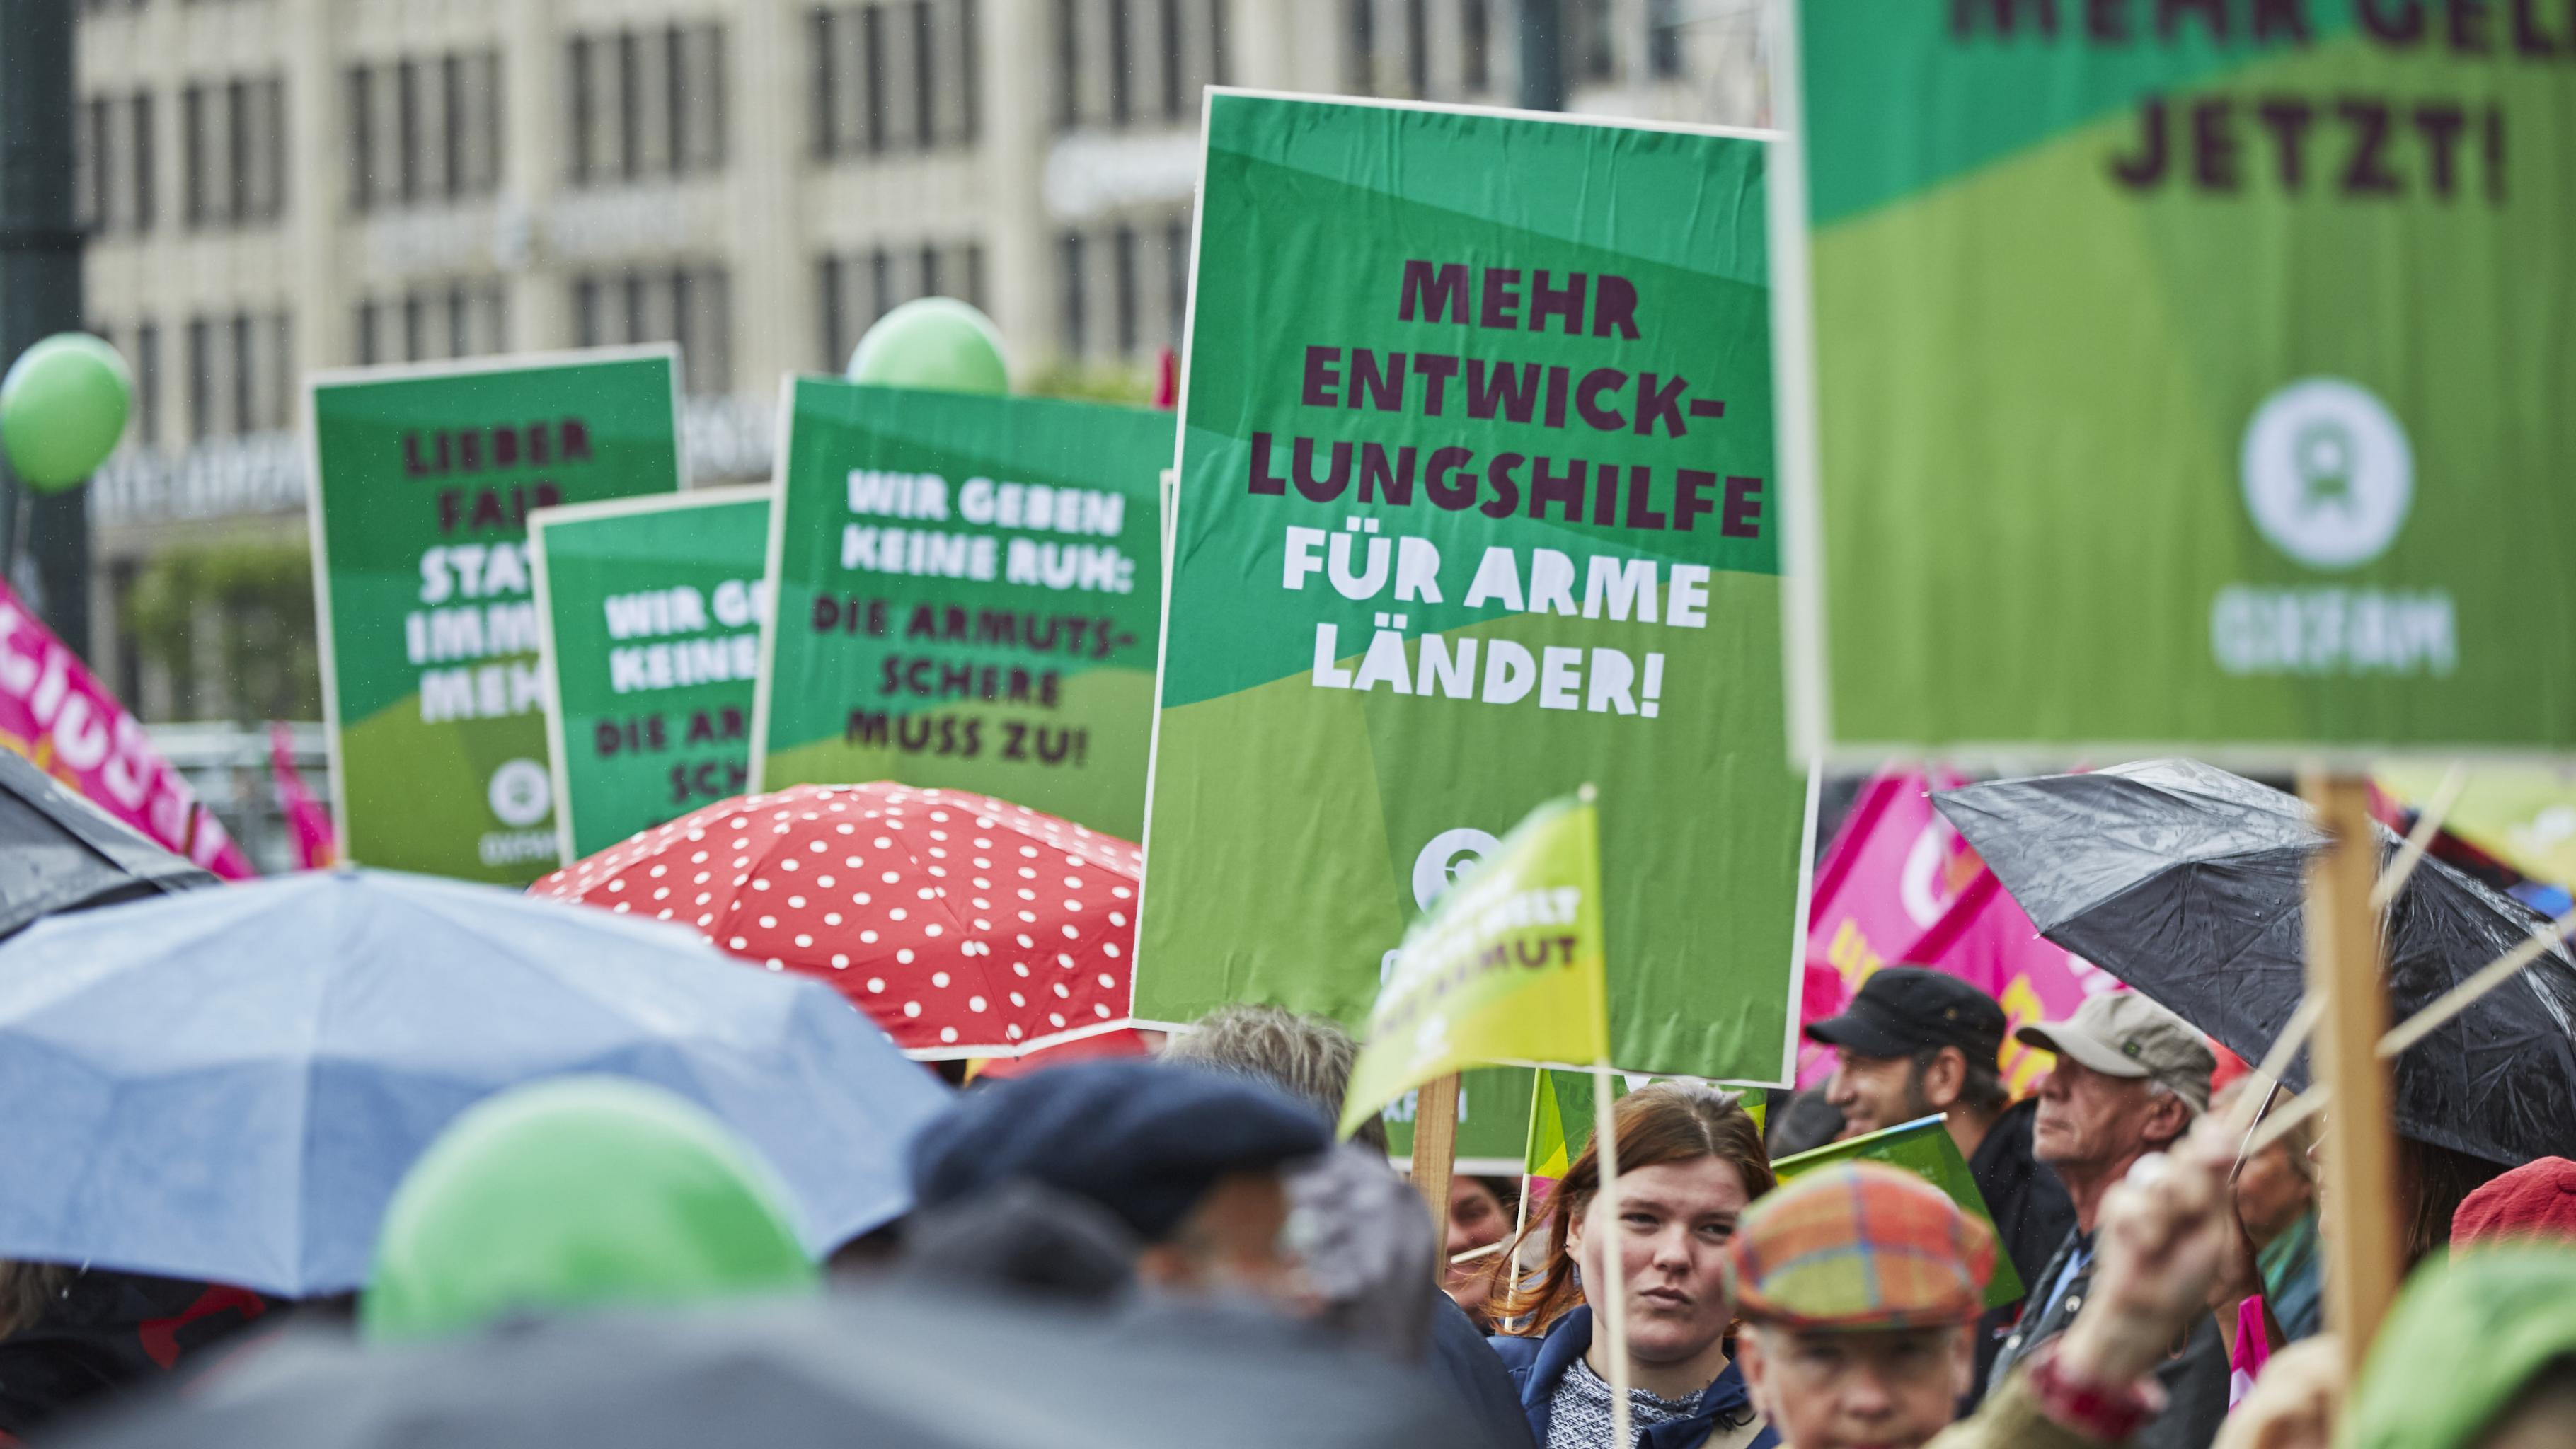 Bei einer G20 Protestdemonstration sind einige Plakate zu sehen, auf denen mehr Ausgaben für Entwicklungshilfe gefordert wird.